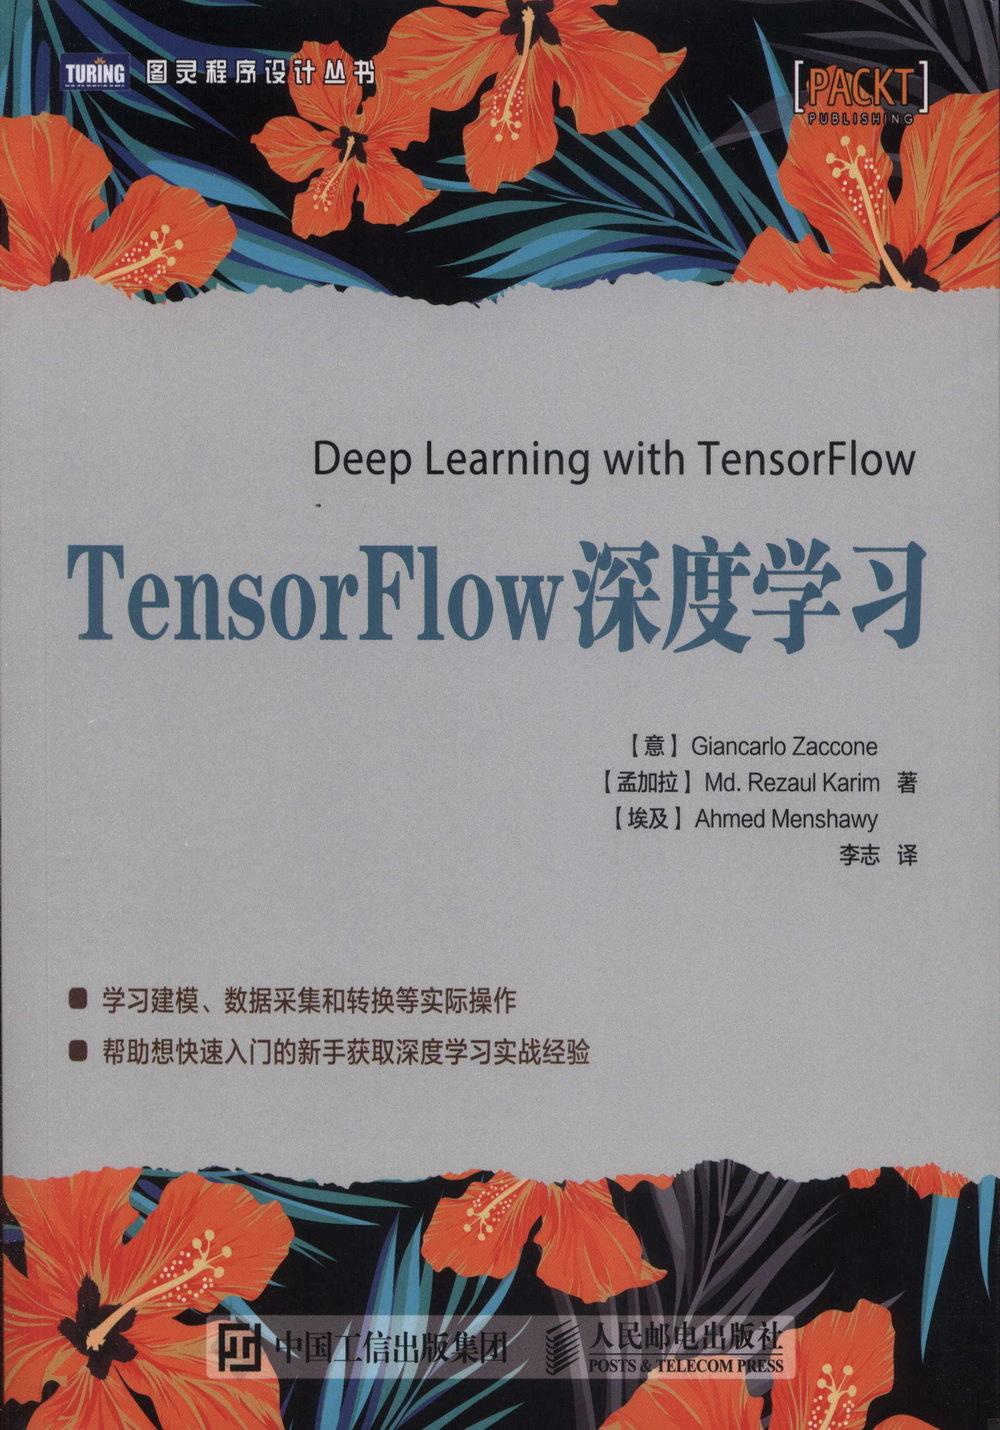 TensorFlow深度學習